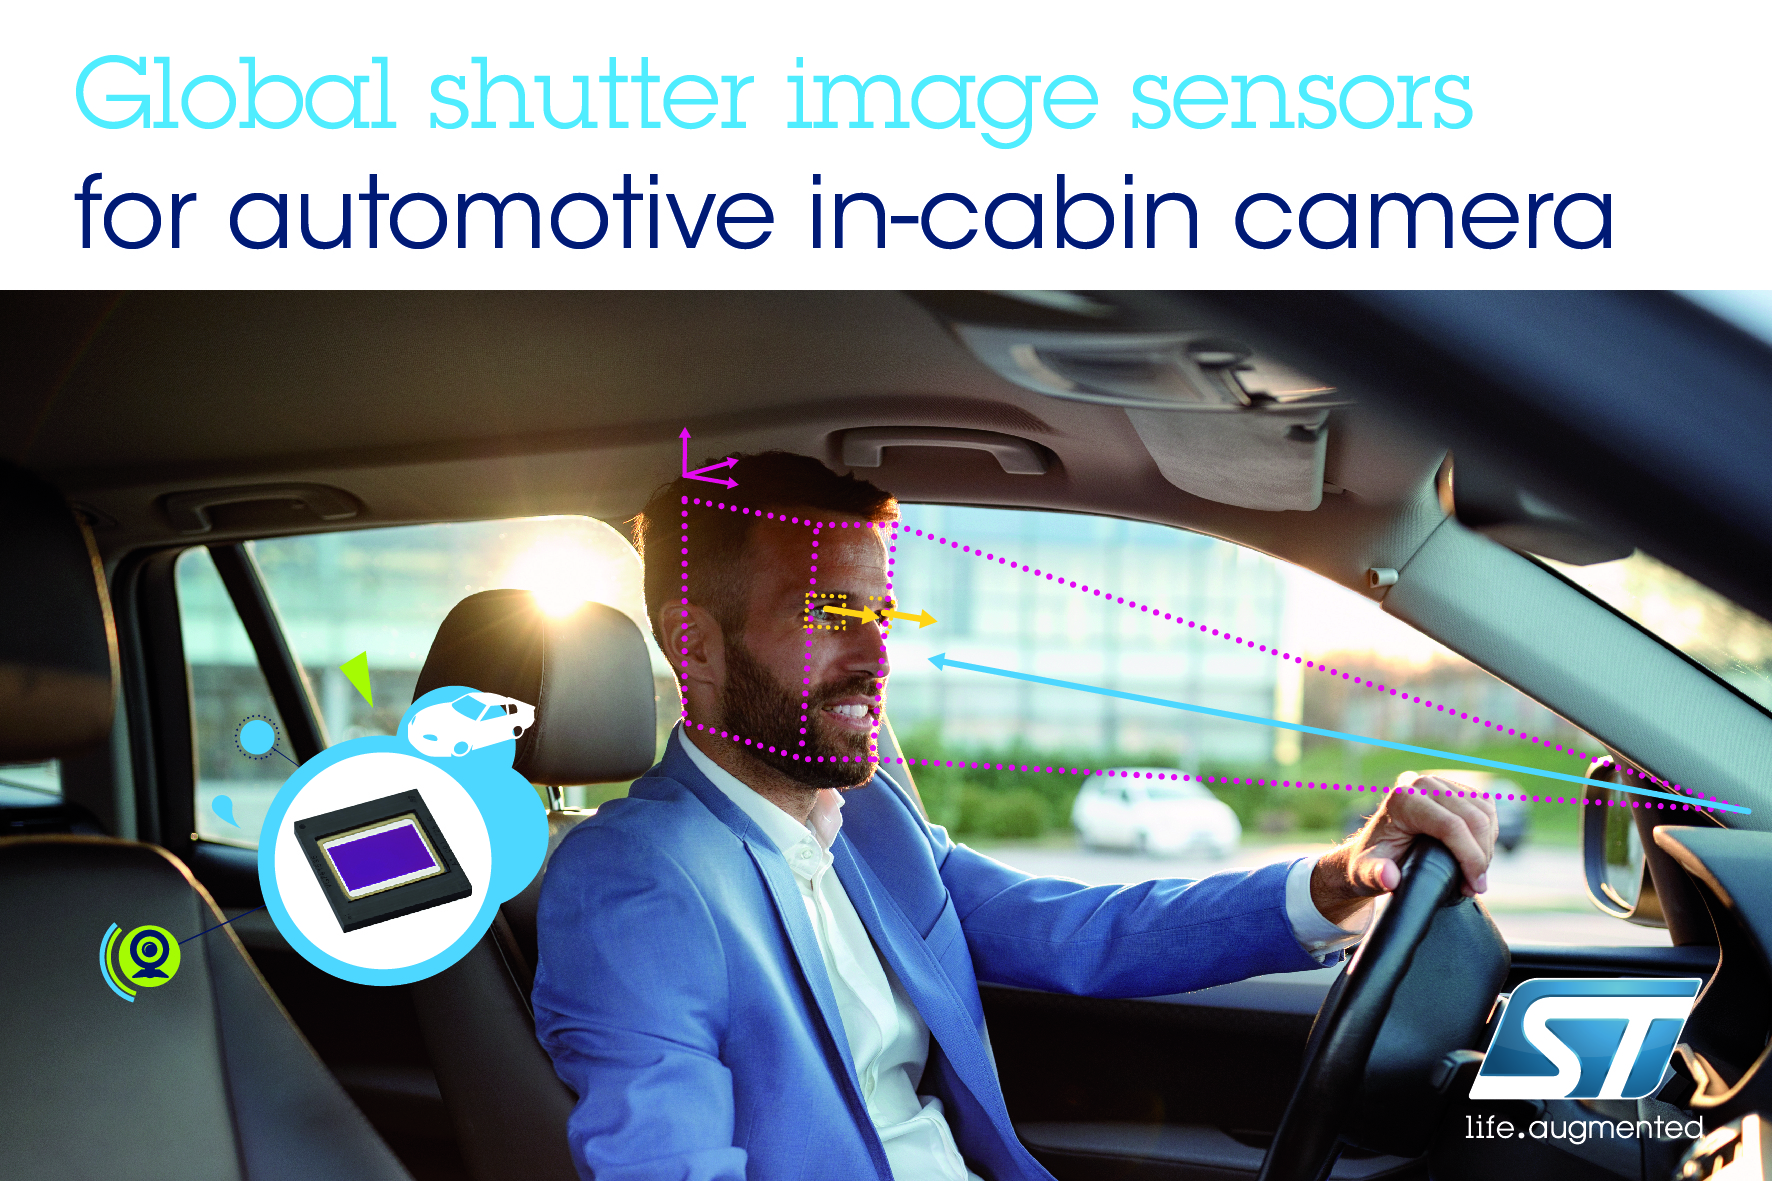 意法半导体的先进影像传感器增强下一代汽车安全系统的驾驶员监测功能